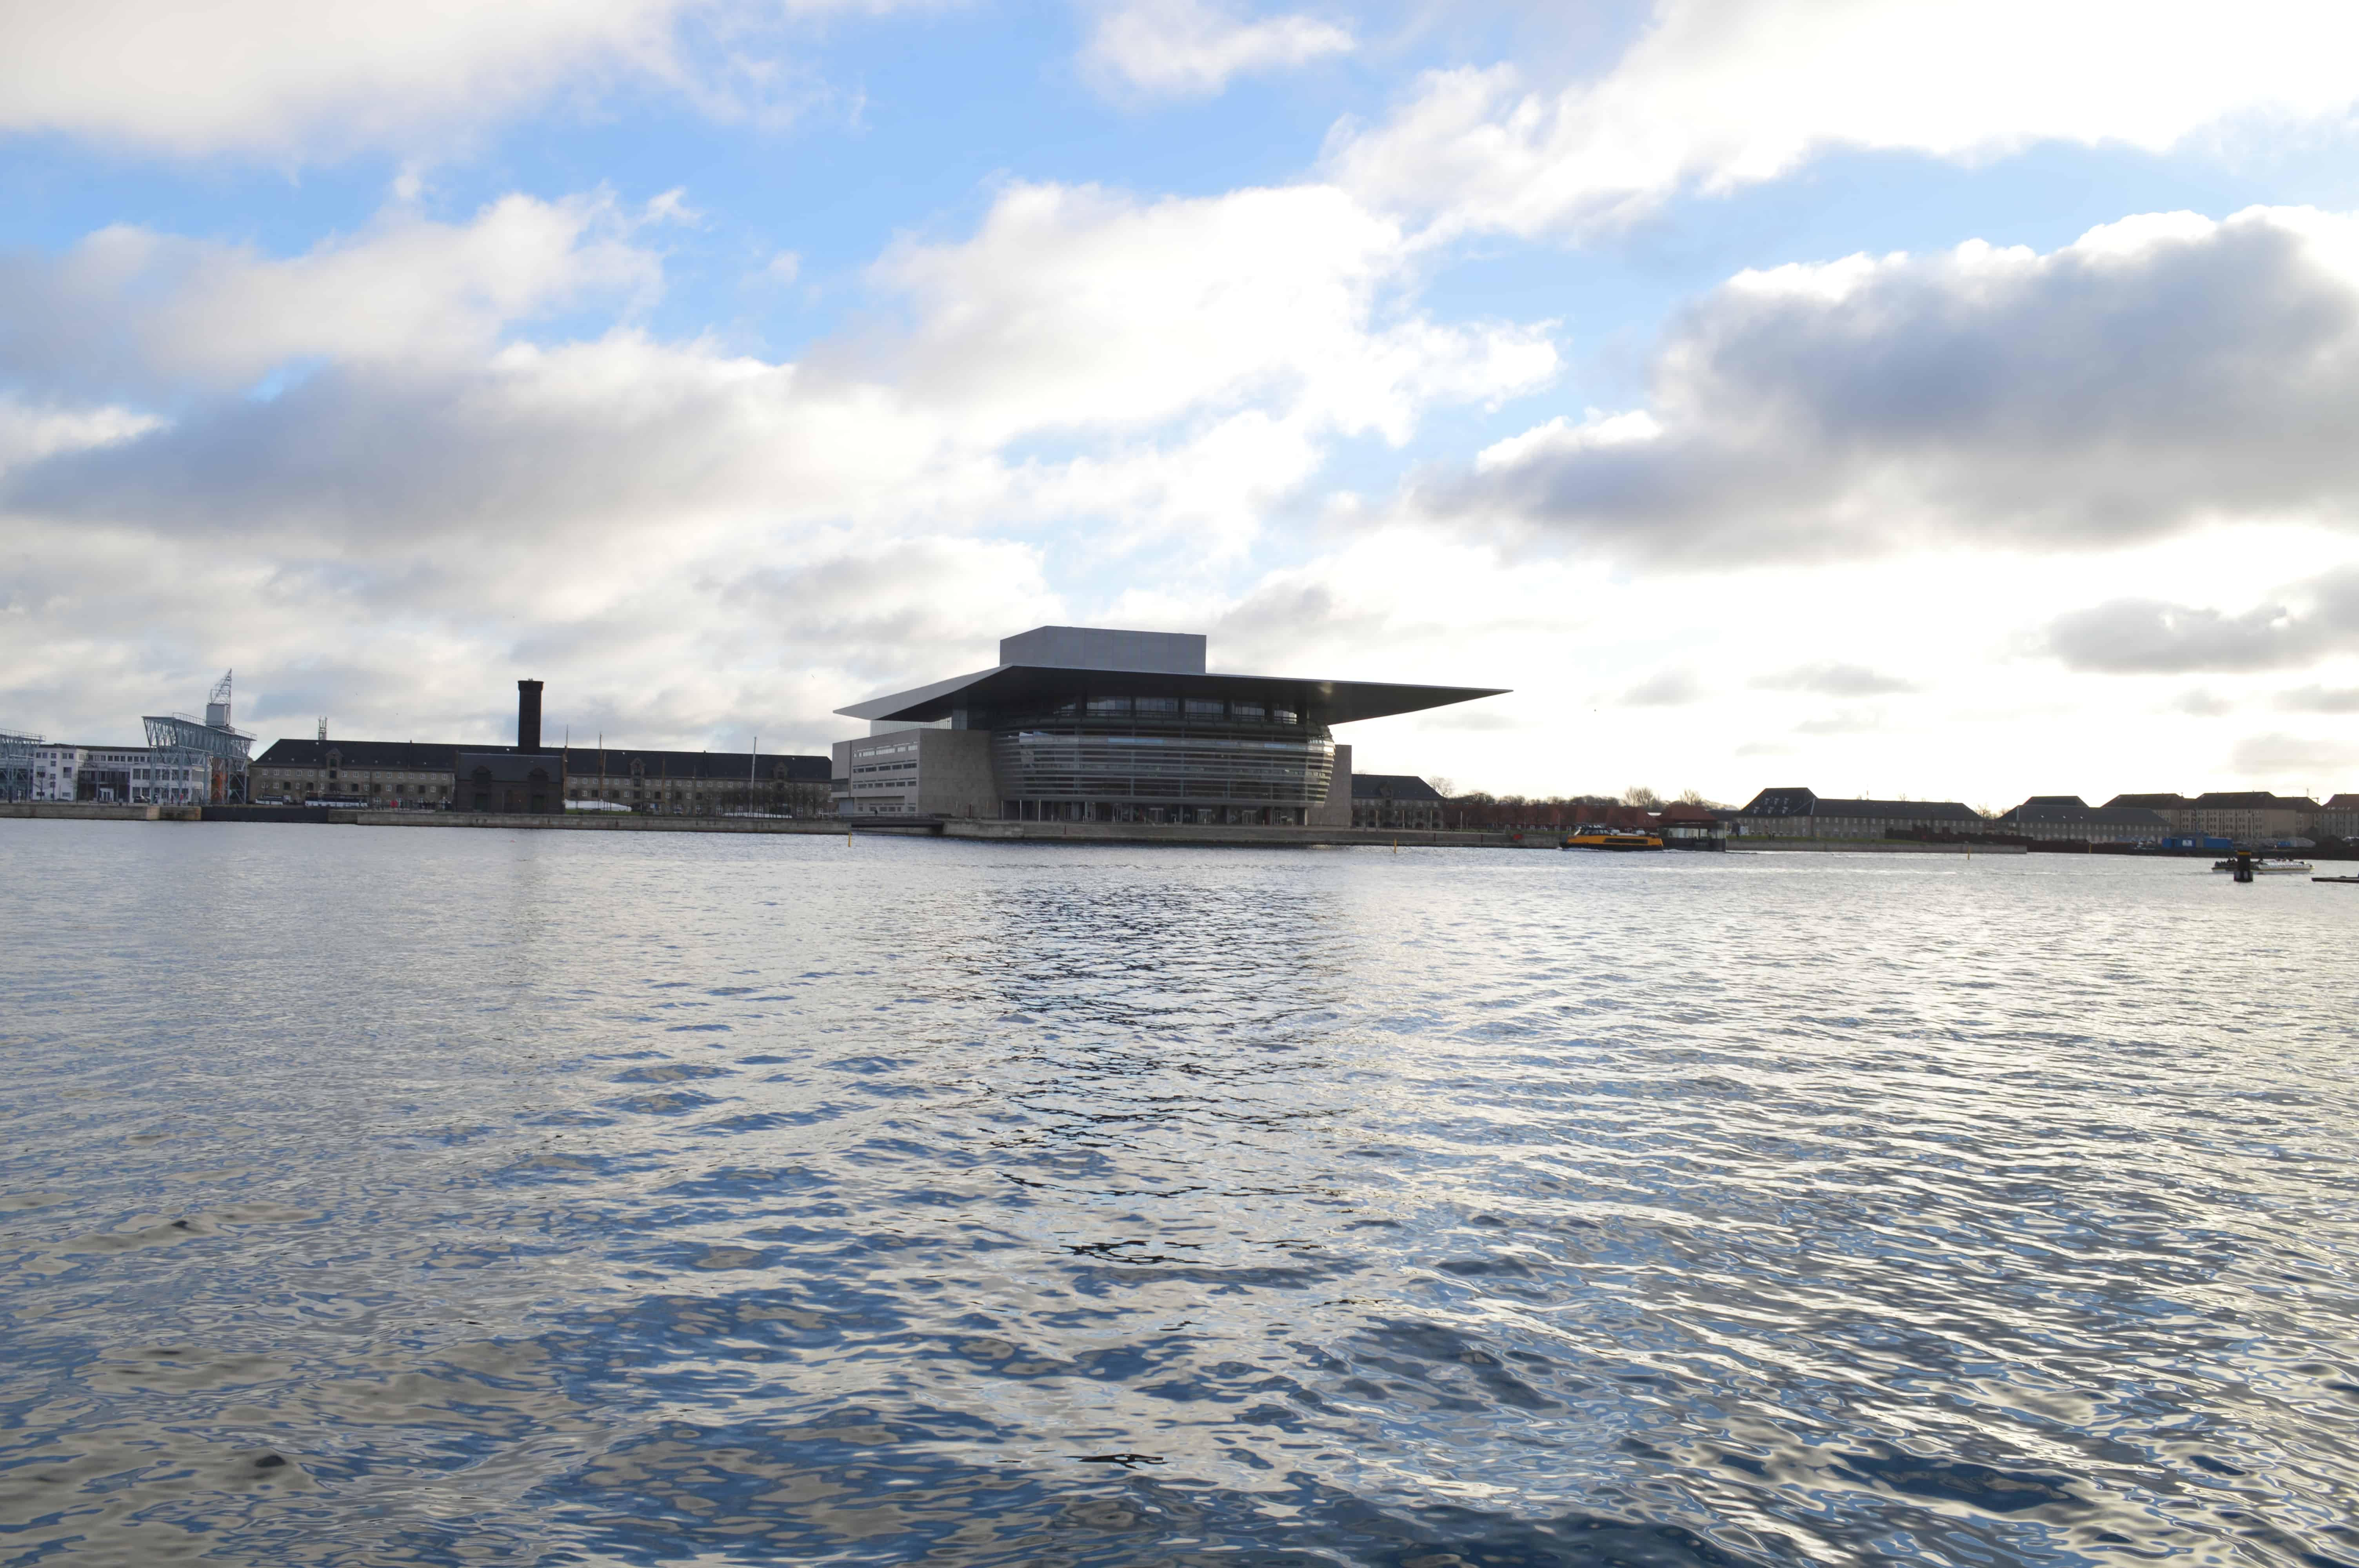 Operagebouw - Kopenhagen - HappyHikers